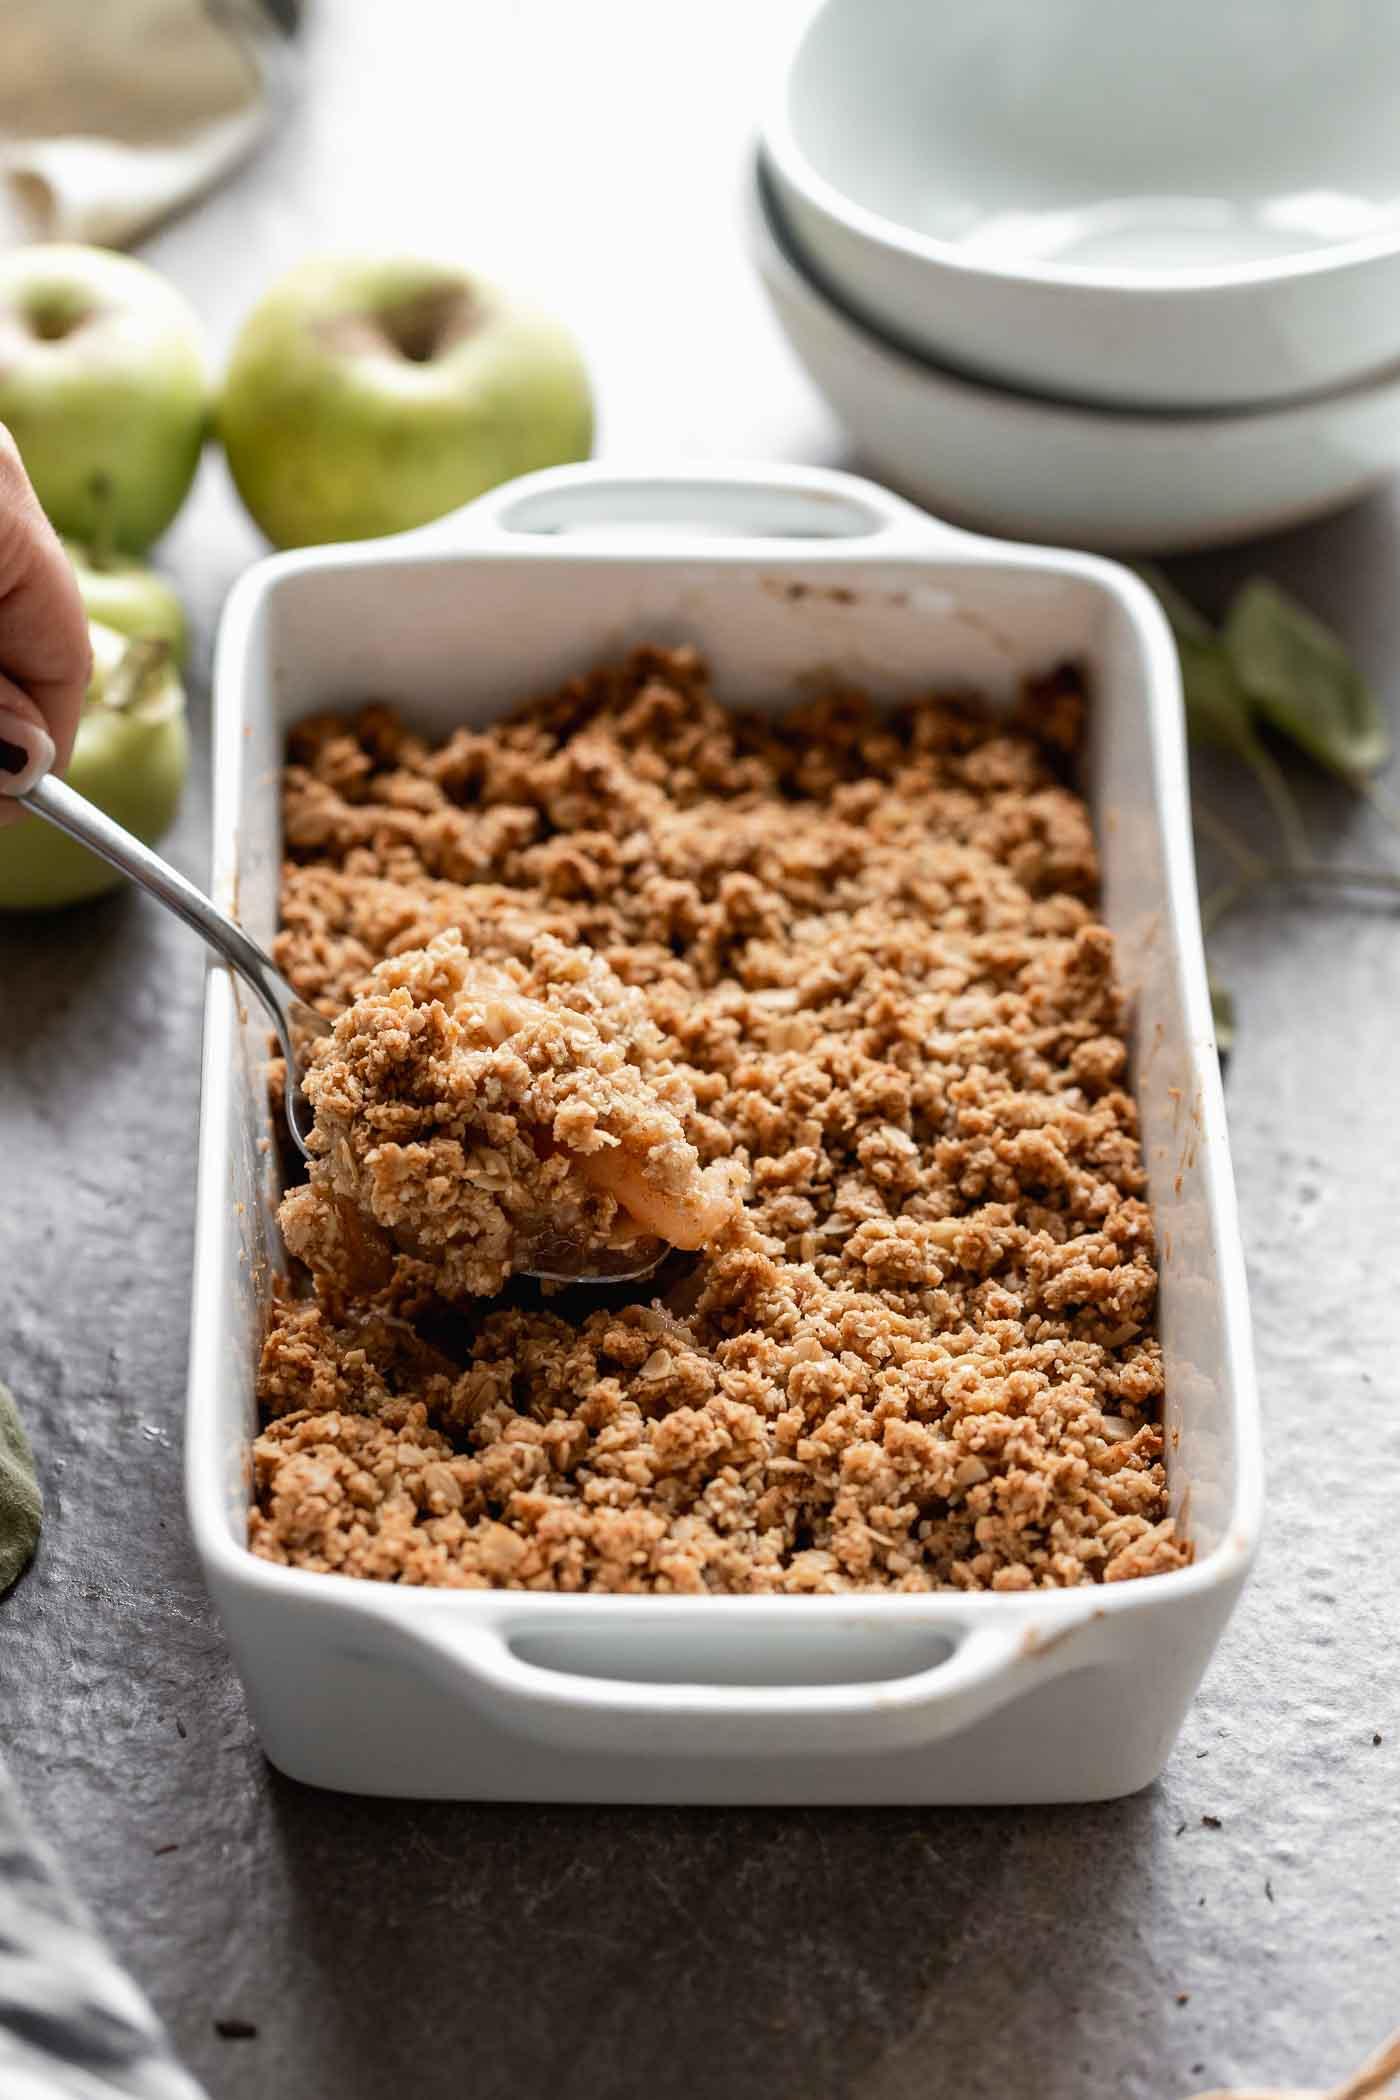 Simple Apple Crisp 5 Ingredients Cooking For Keeps